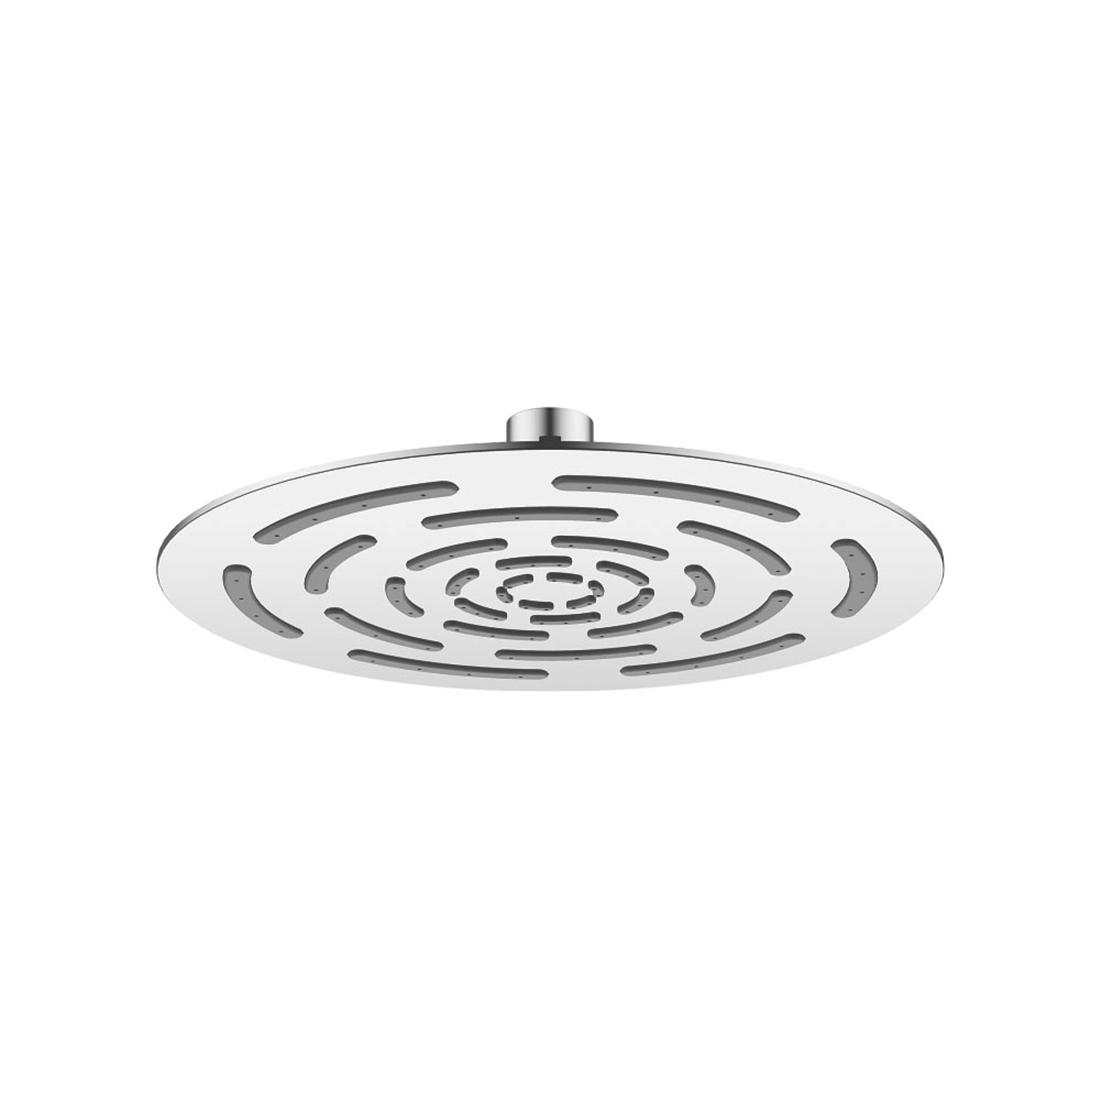 Kerovit KA570016 Ultrathin Round Overhead Rain Shower